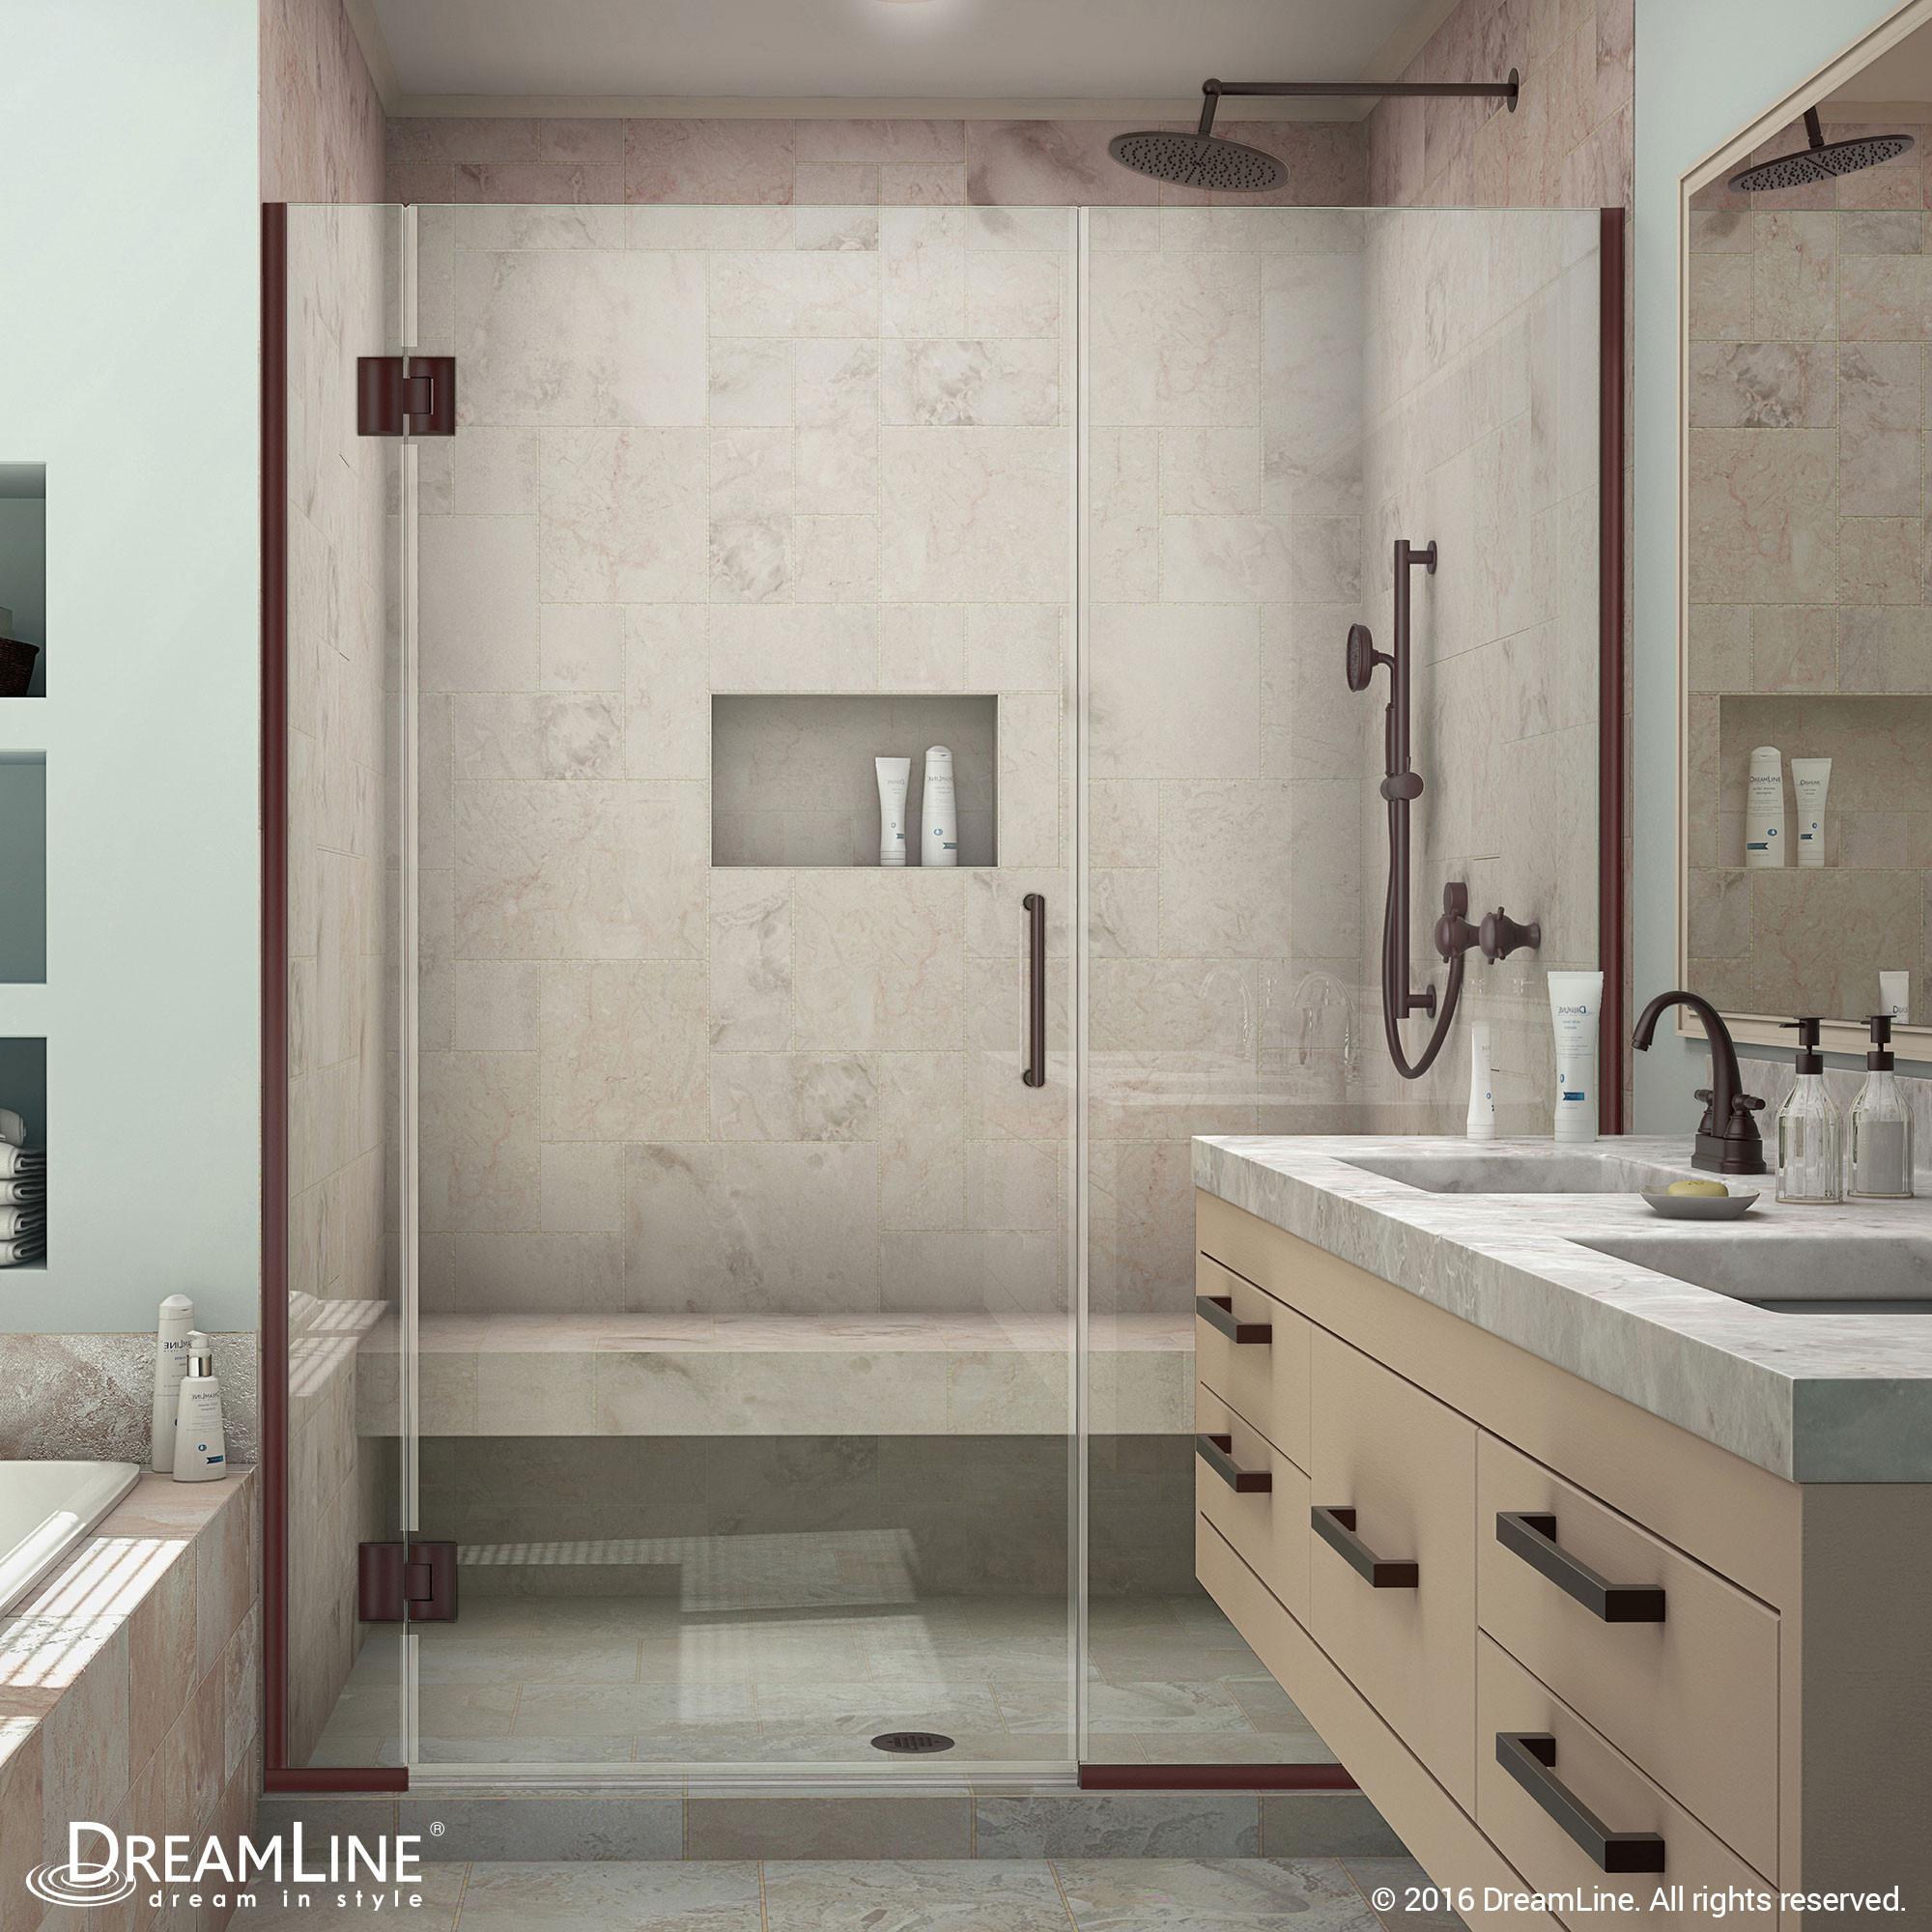 DreamLine D12406572-06 Oil Rubbed Bronze Unidoor-X 36 1/2 - 37 in. W x 72 in. H Hinged Shower Door